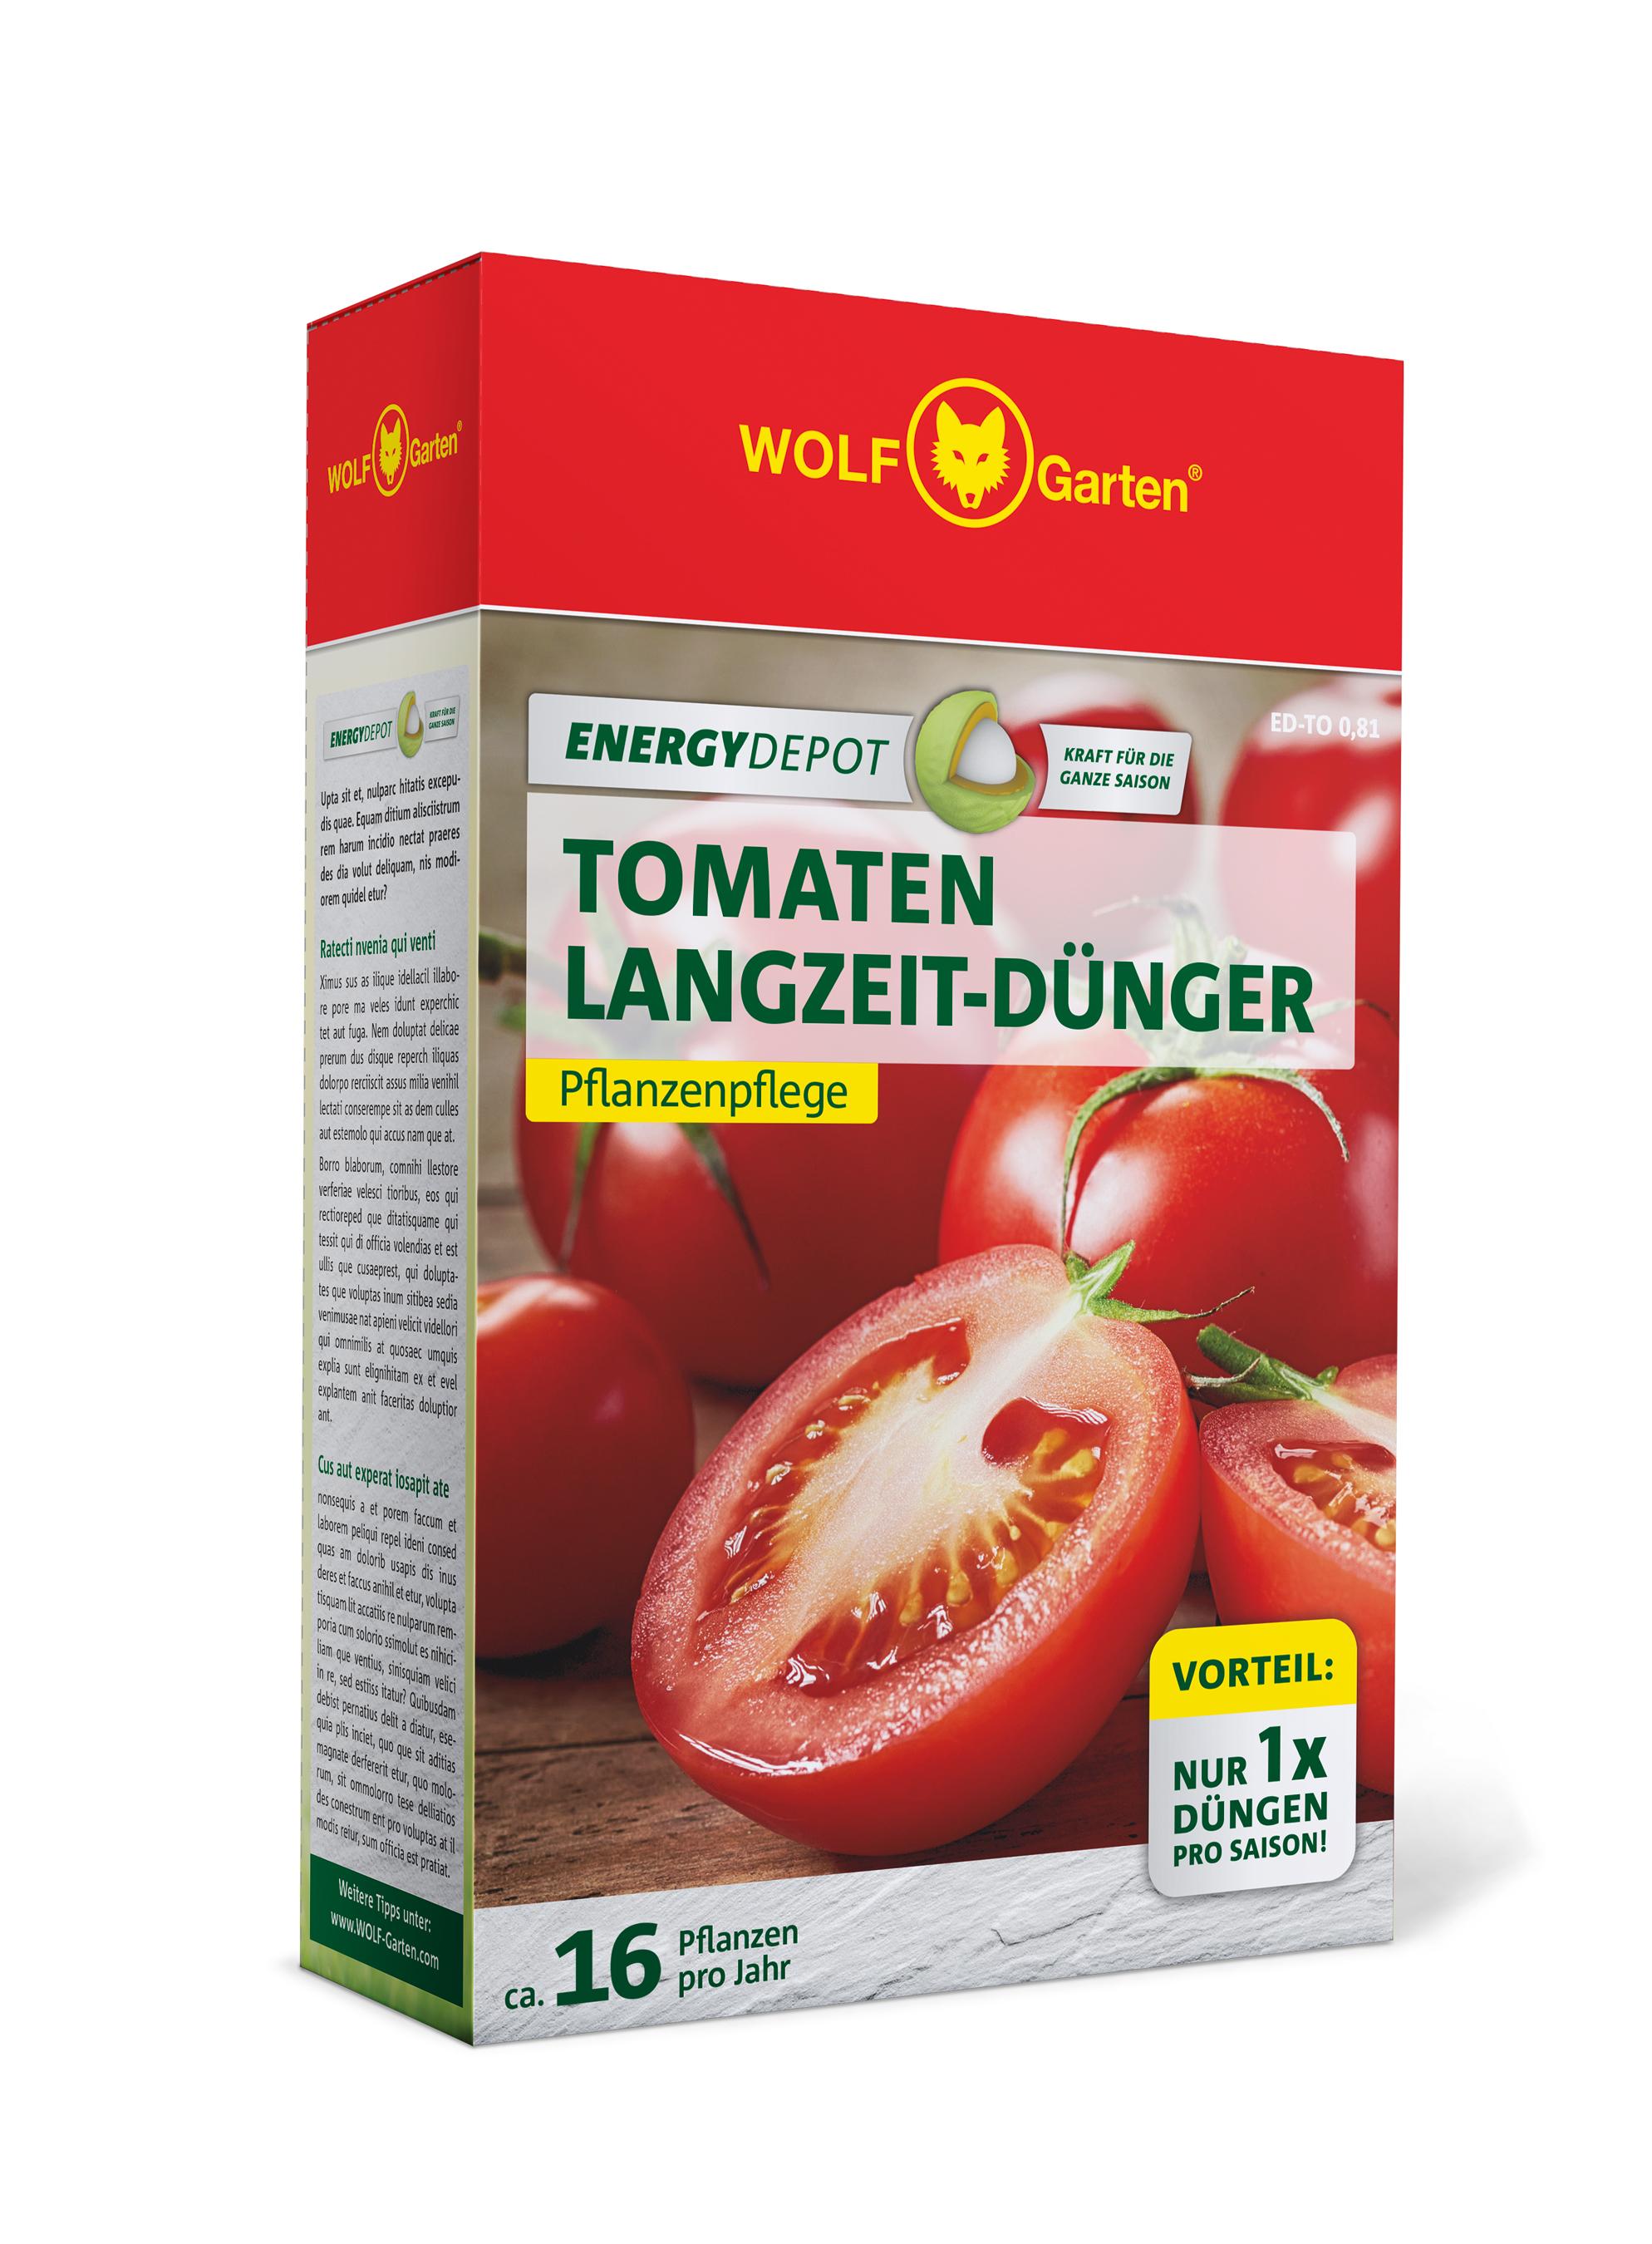 Wolf Garten Tomaten Langzeit-Dünger Energy Depot 810g Bild 1